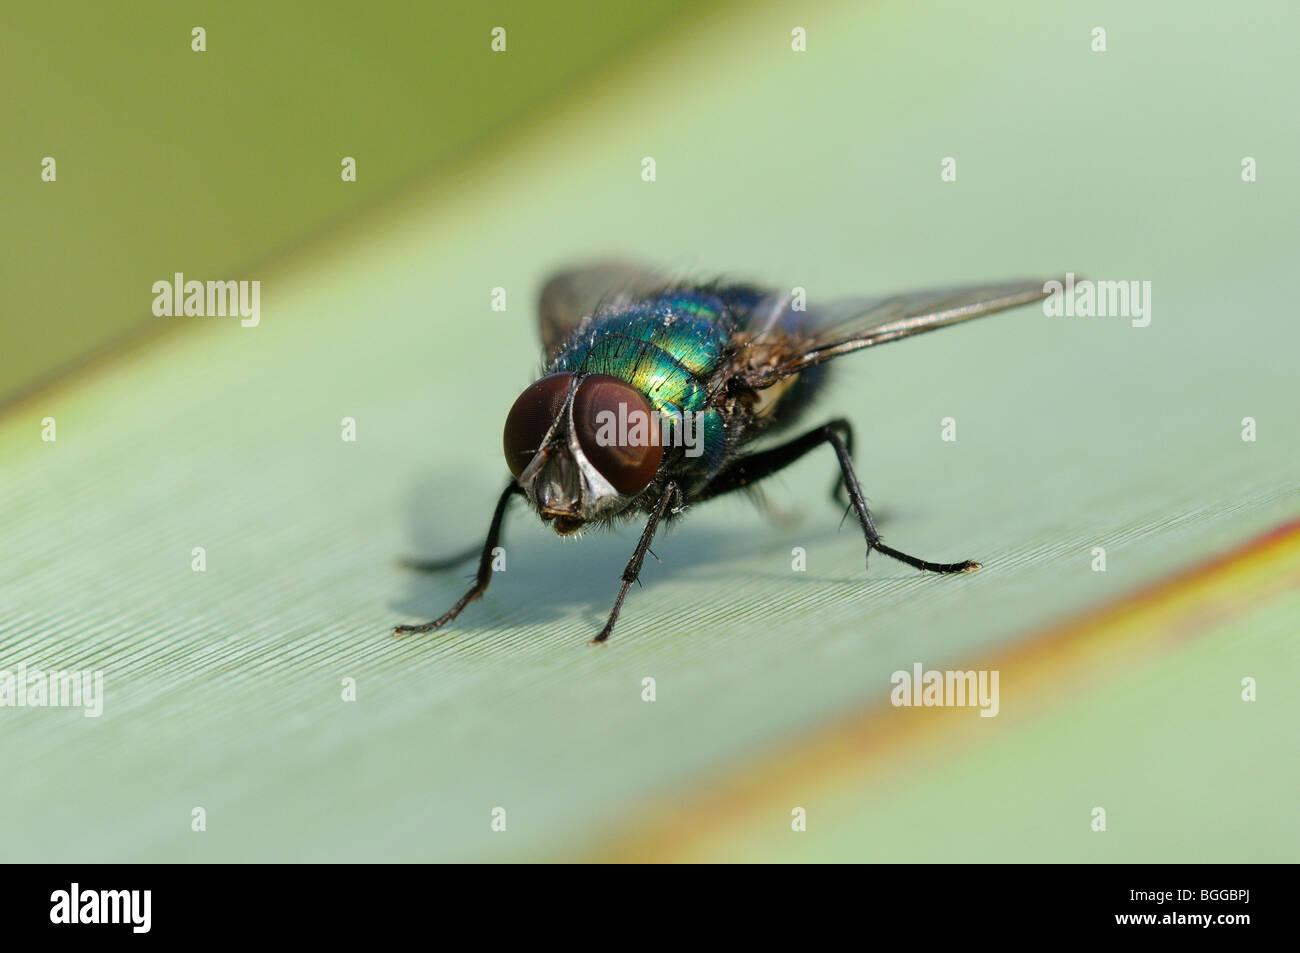 Greenbottle Fly (Lucilia caesar) Oxfordshire, UK. - Stock Image